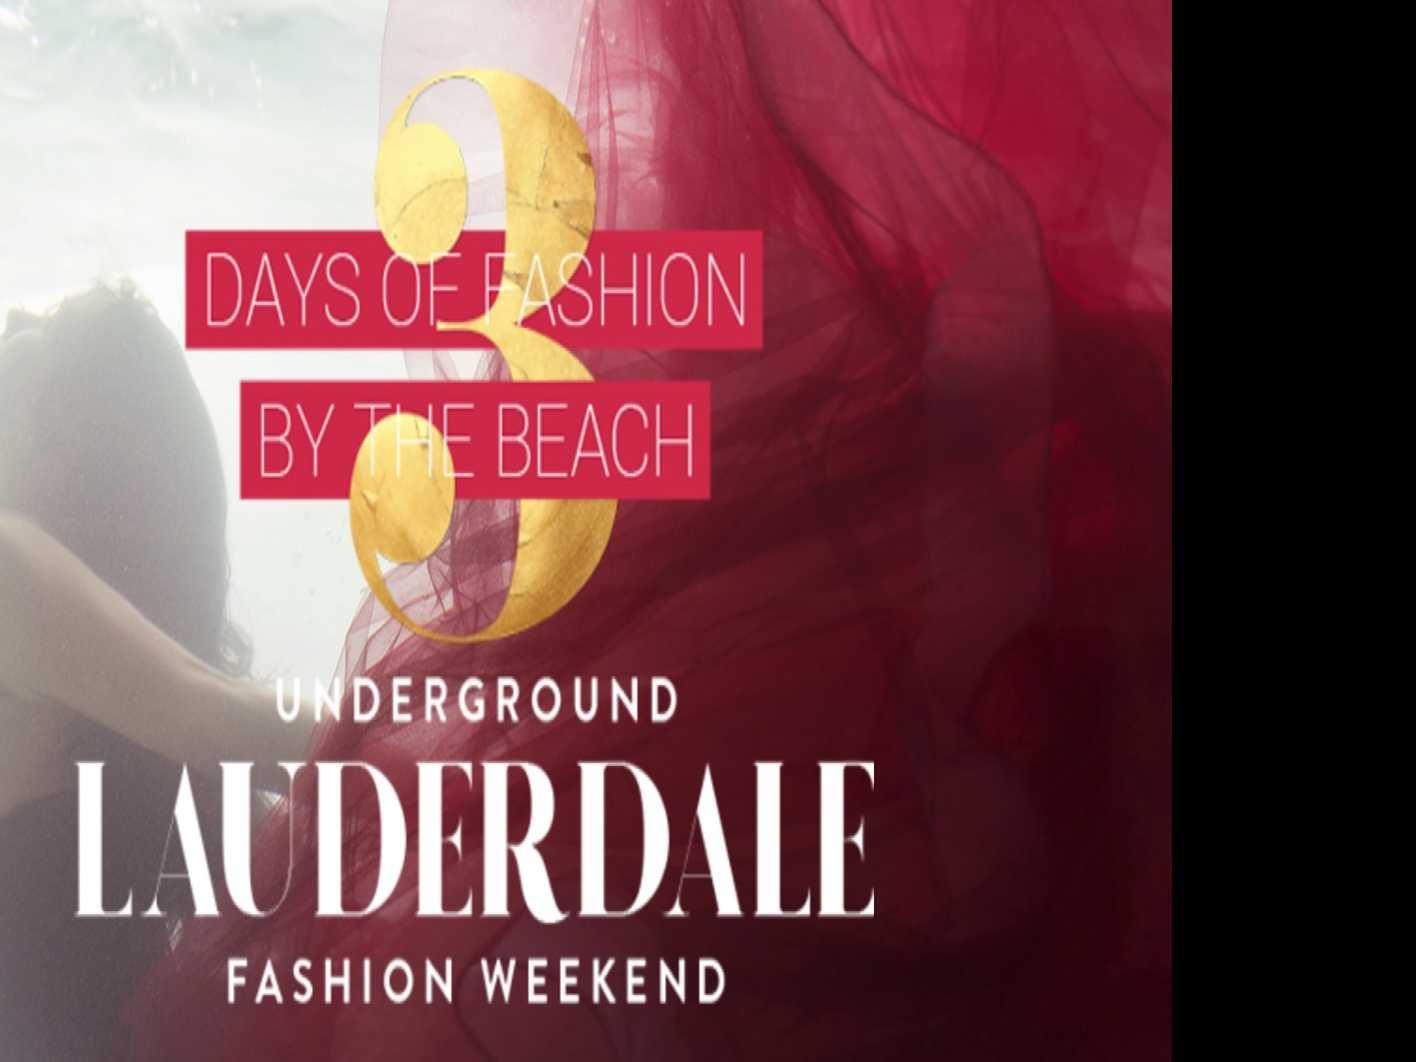 Don't Miss: Underground Fort Lauderdale Fashion Weekend